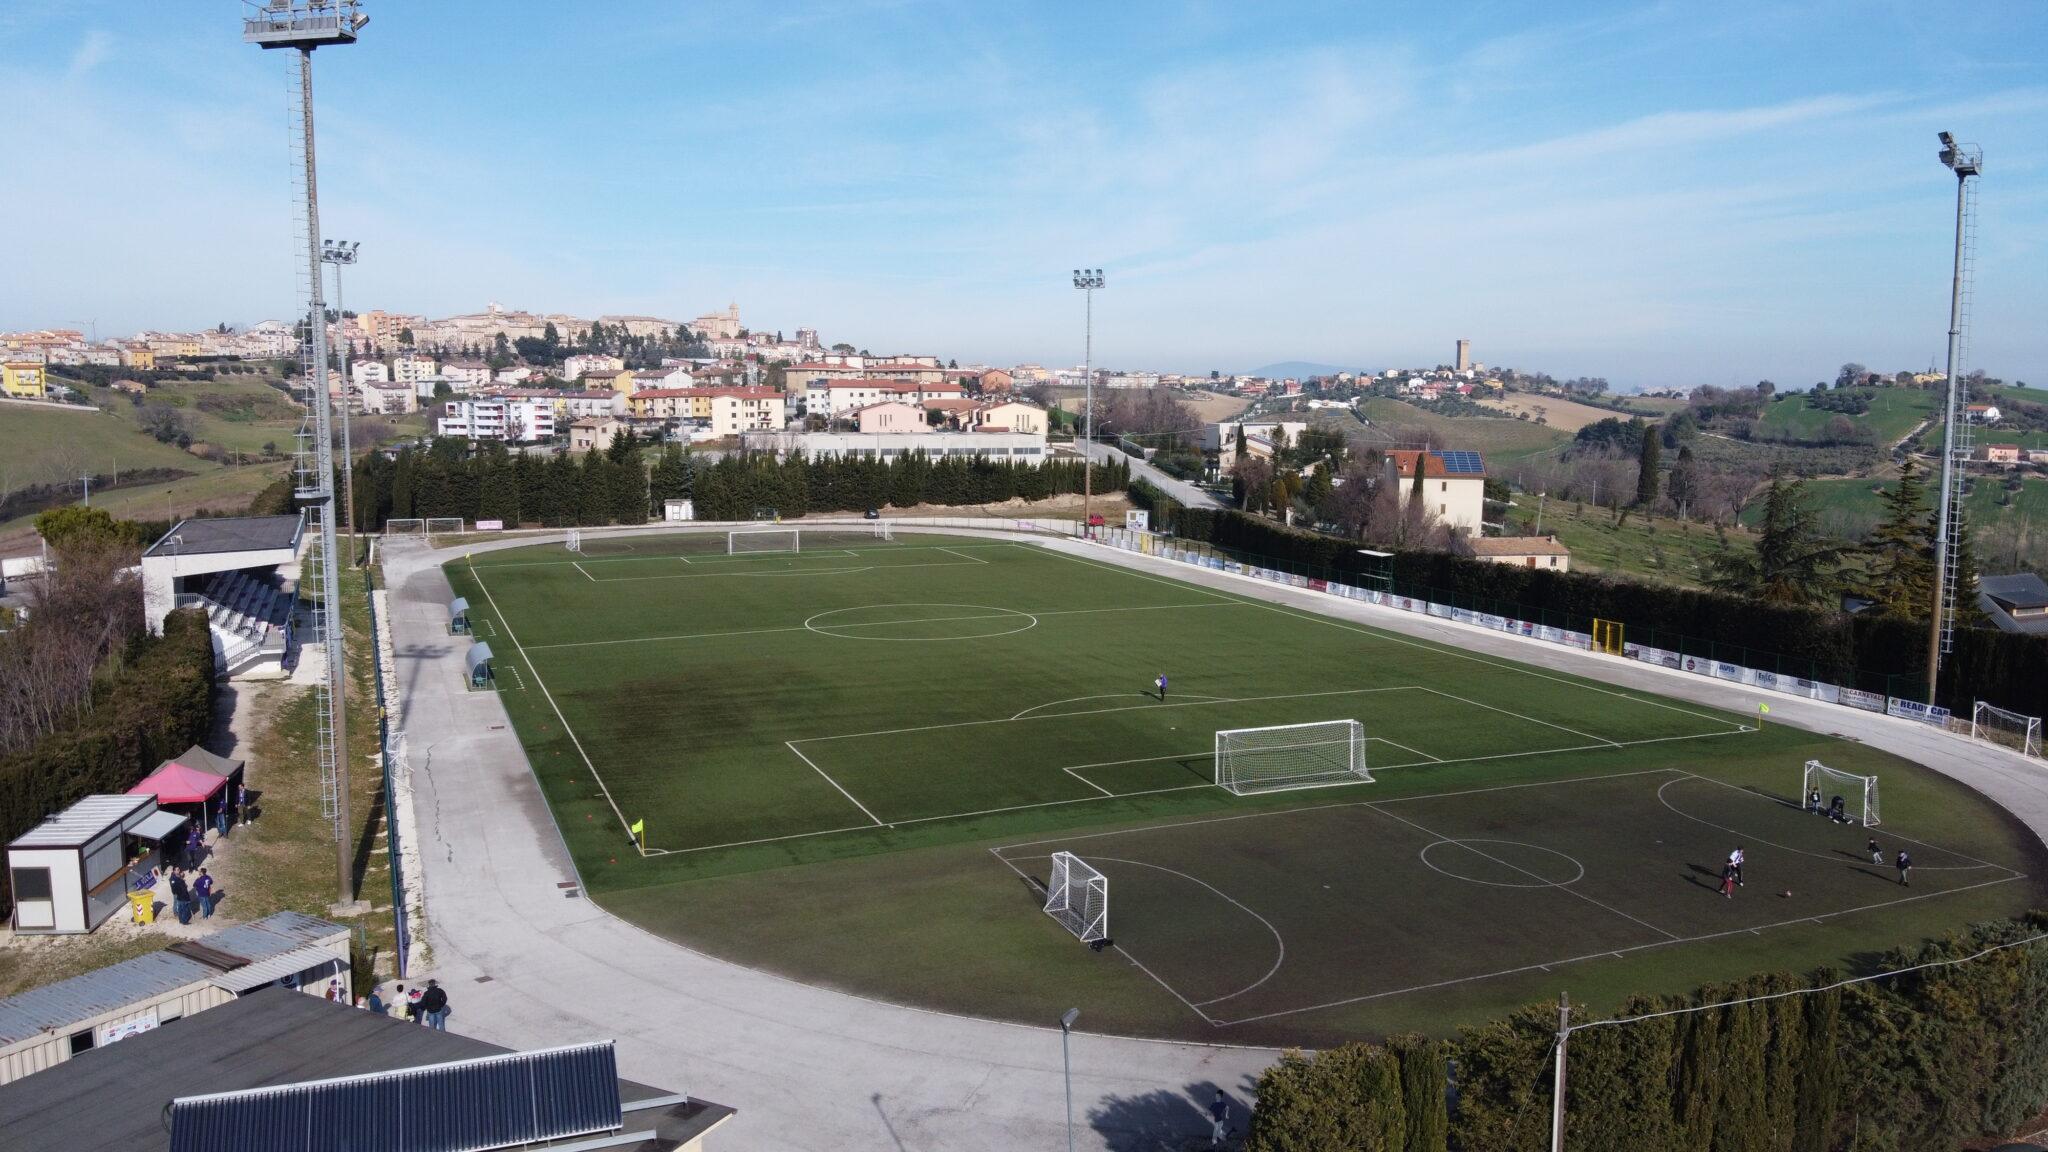 Montefano, rinviata anche la partita di Coppa